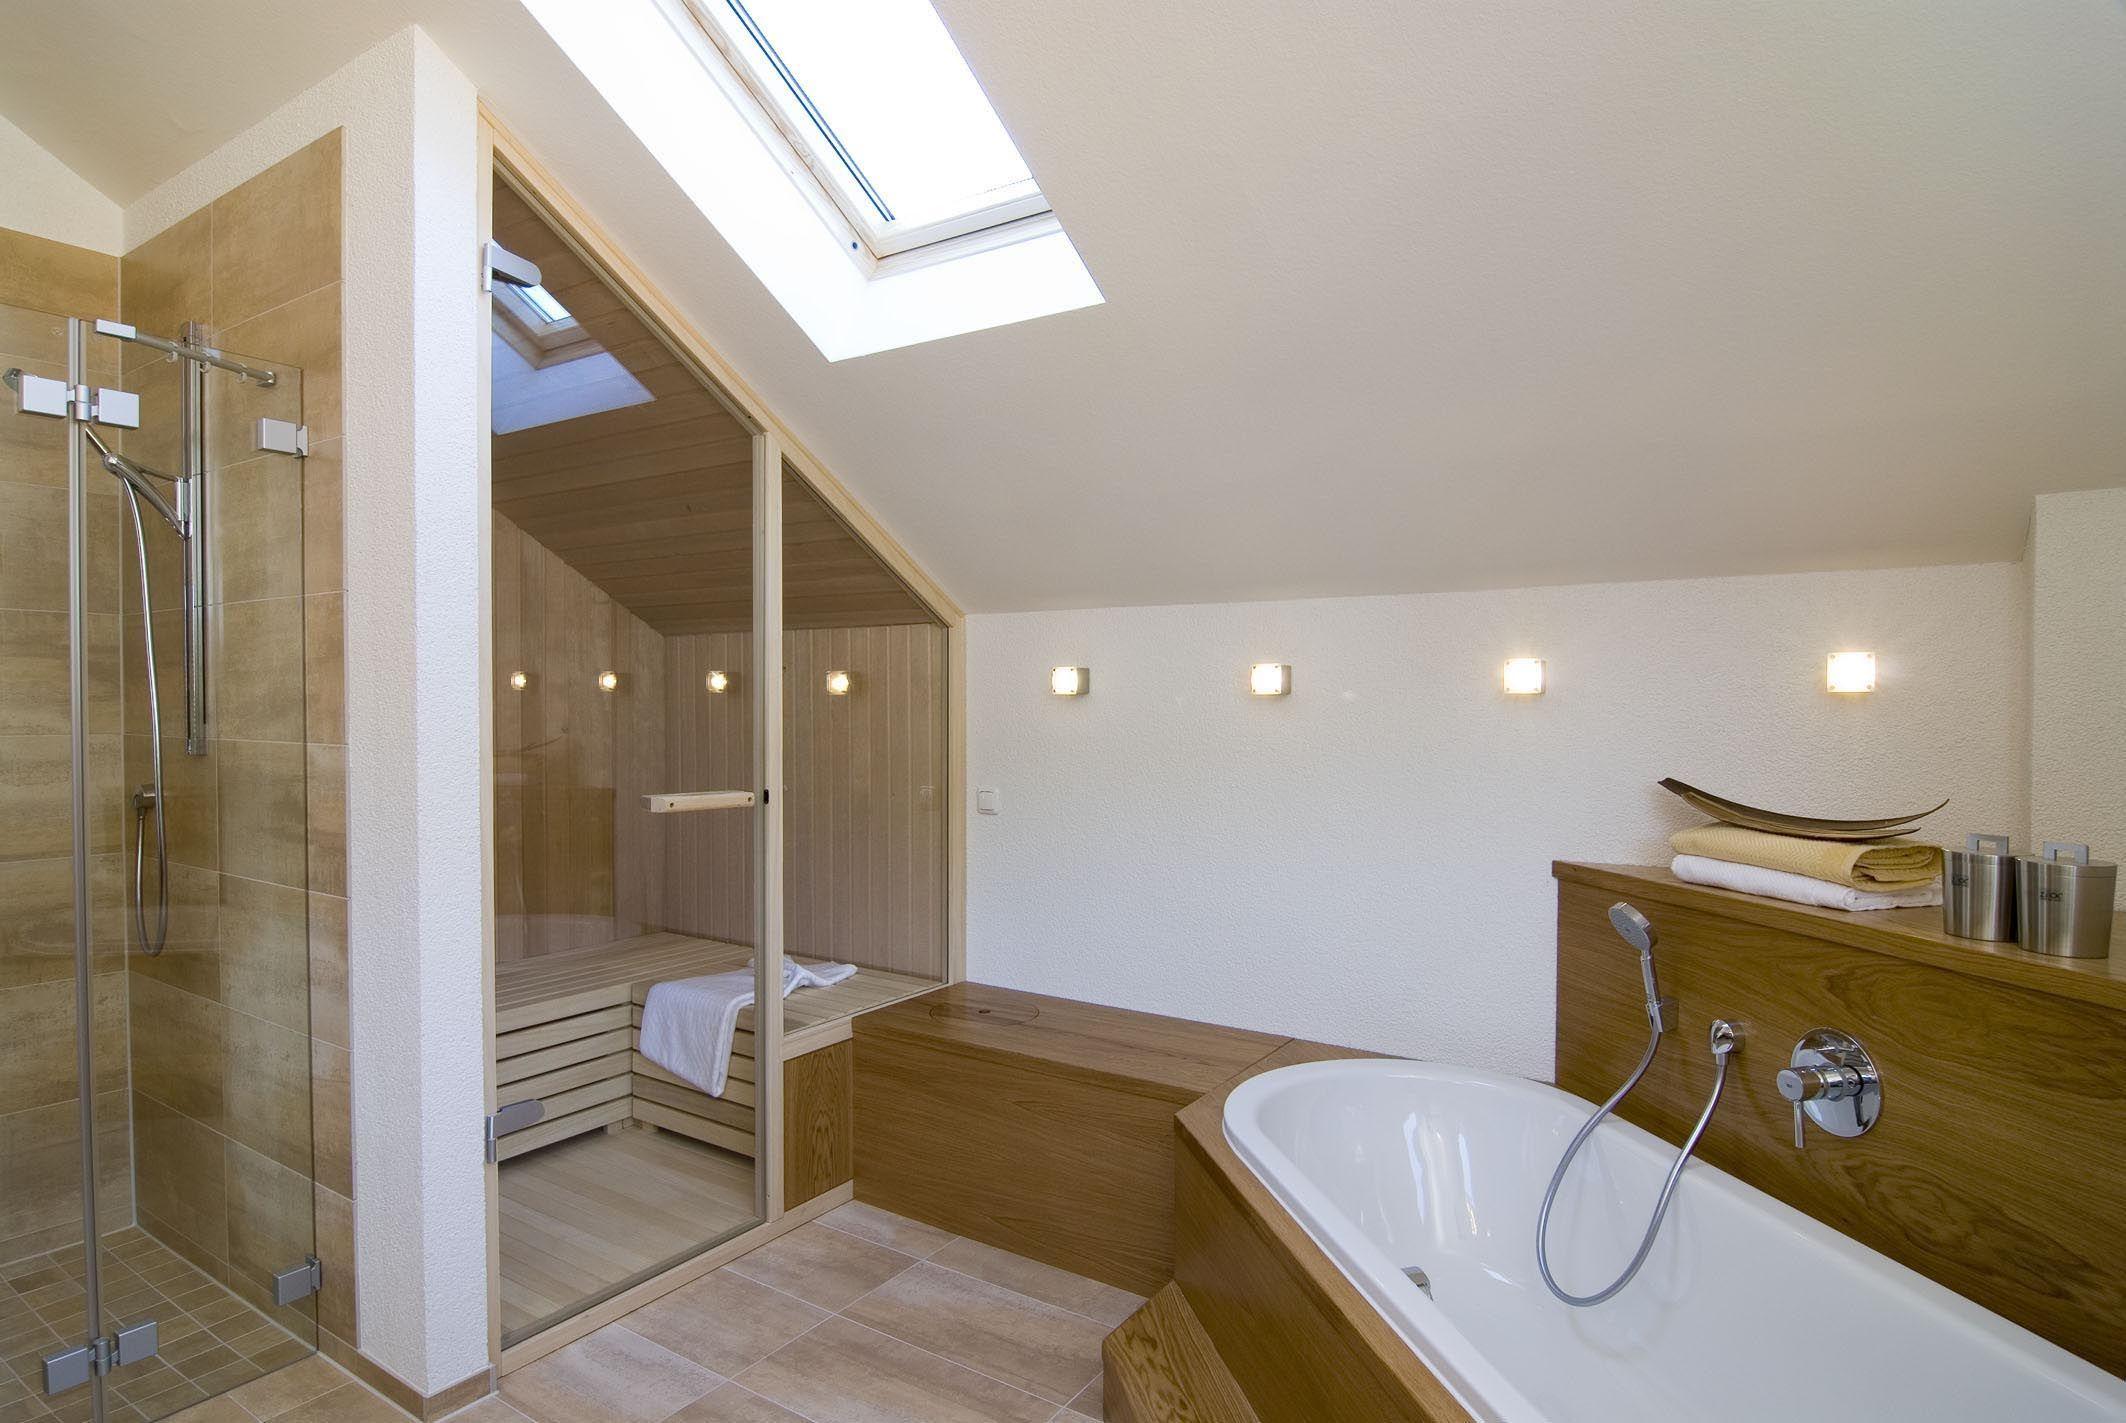 Badezimmer Mit Sauna Eckbadewanne Unter Dachschrage Bad Ideen Mit Holz Inneneinrichtung Fertighaus Design 168 Von Frammelsberg Home Bathroom Interior House